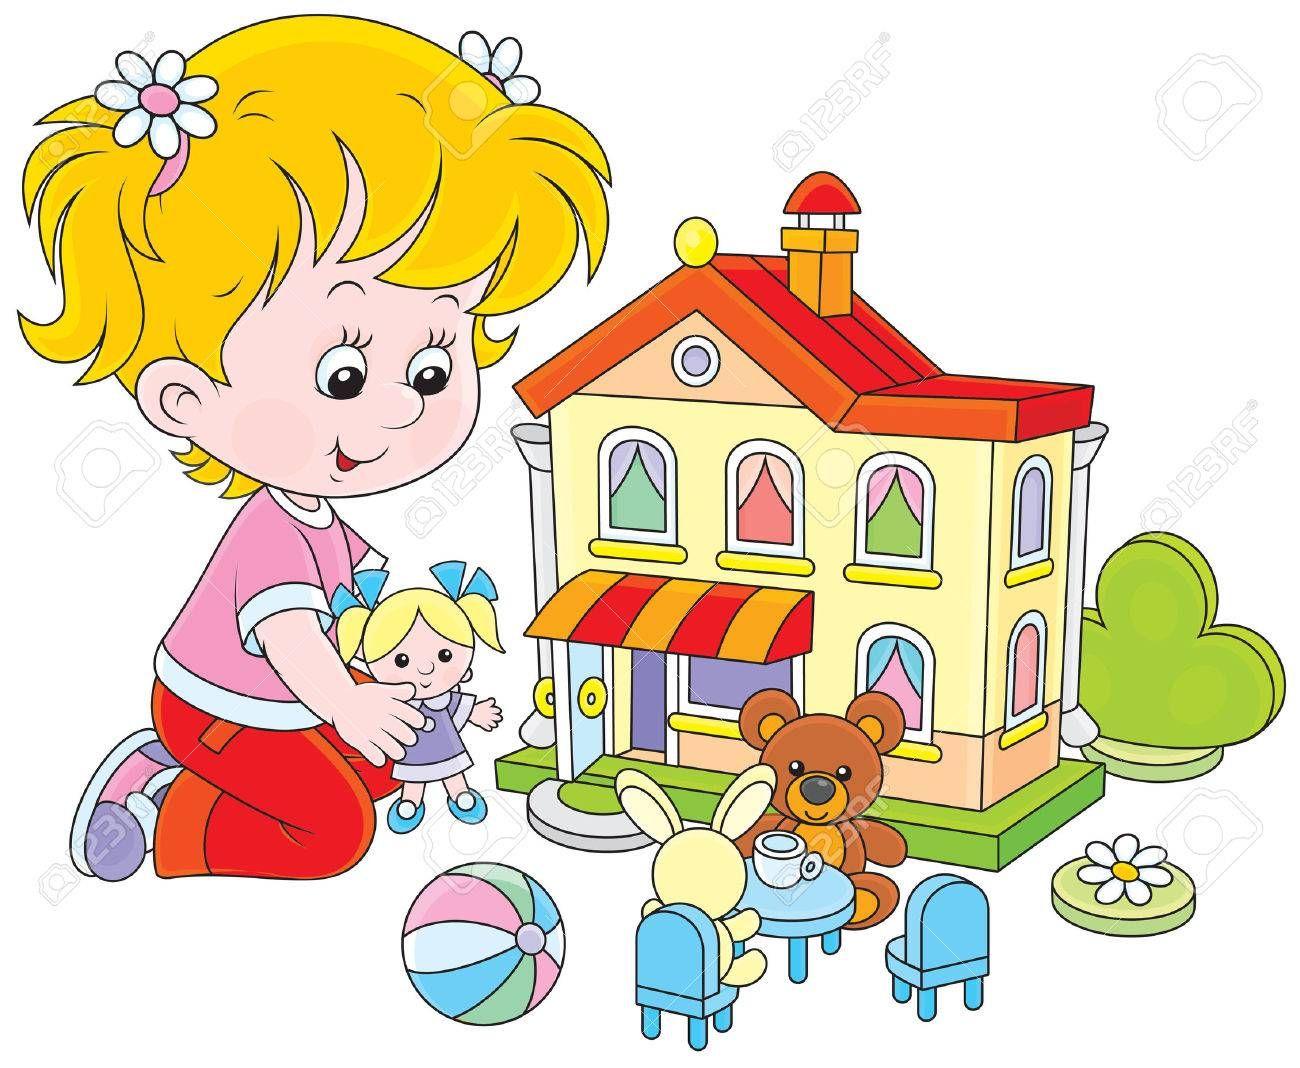 Resultado De Imagen Para Nina Jugando Con Munecas Toy House Girls Play Clip Art